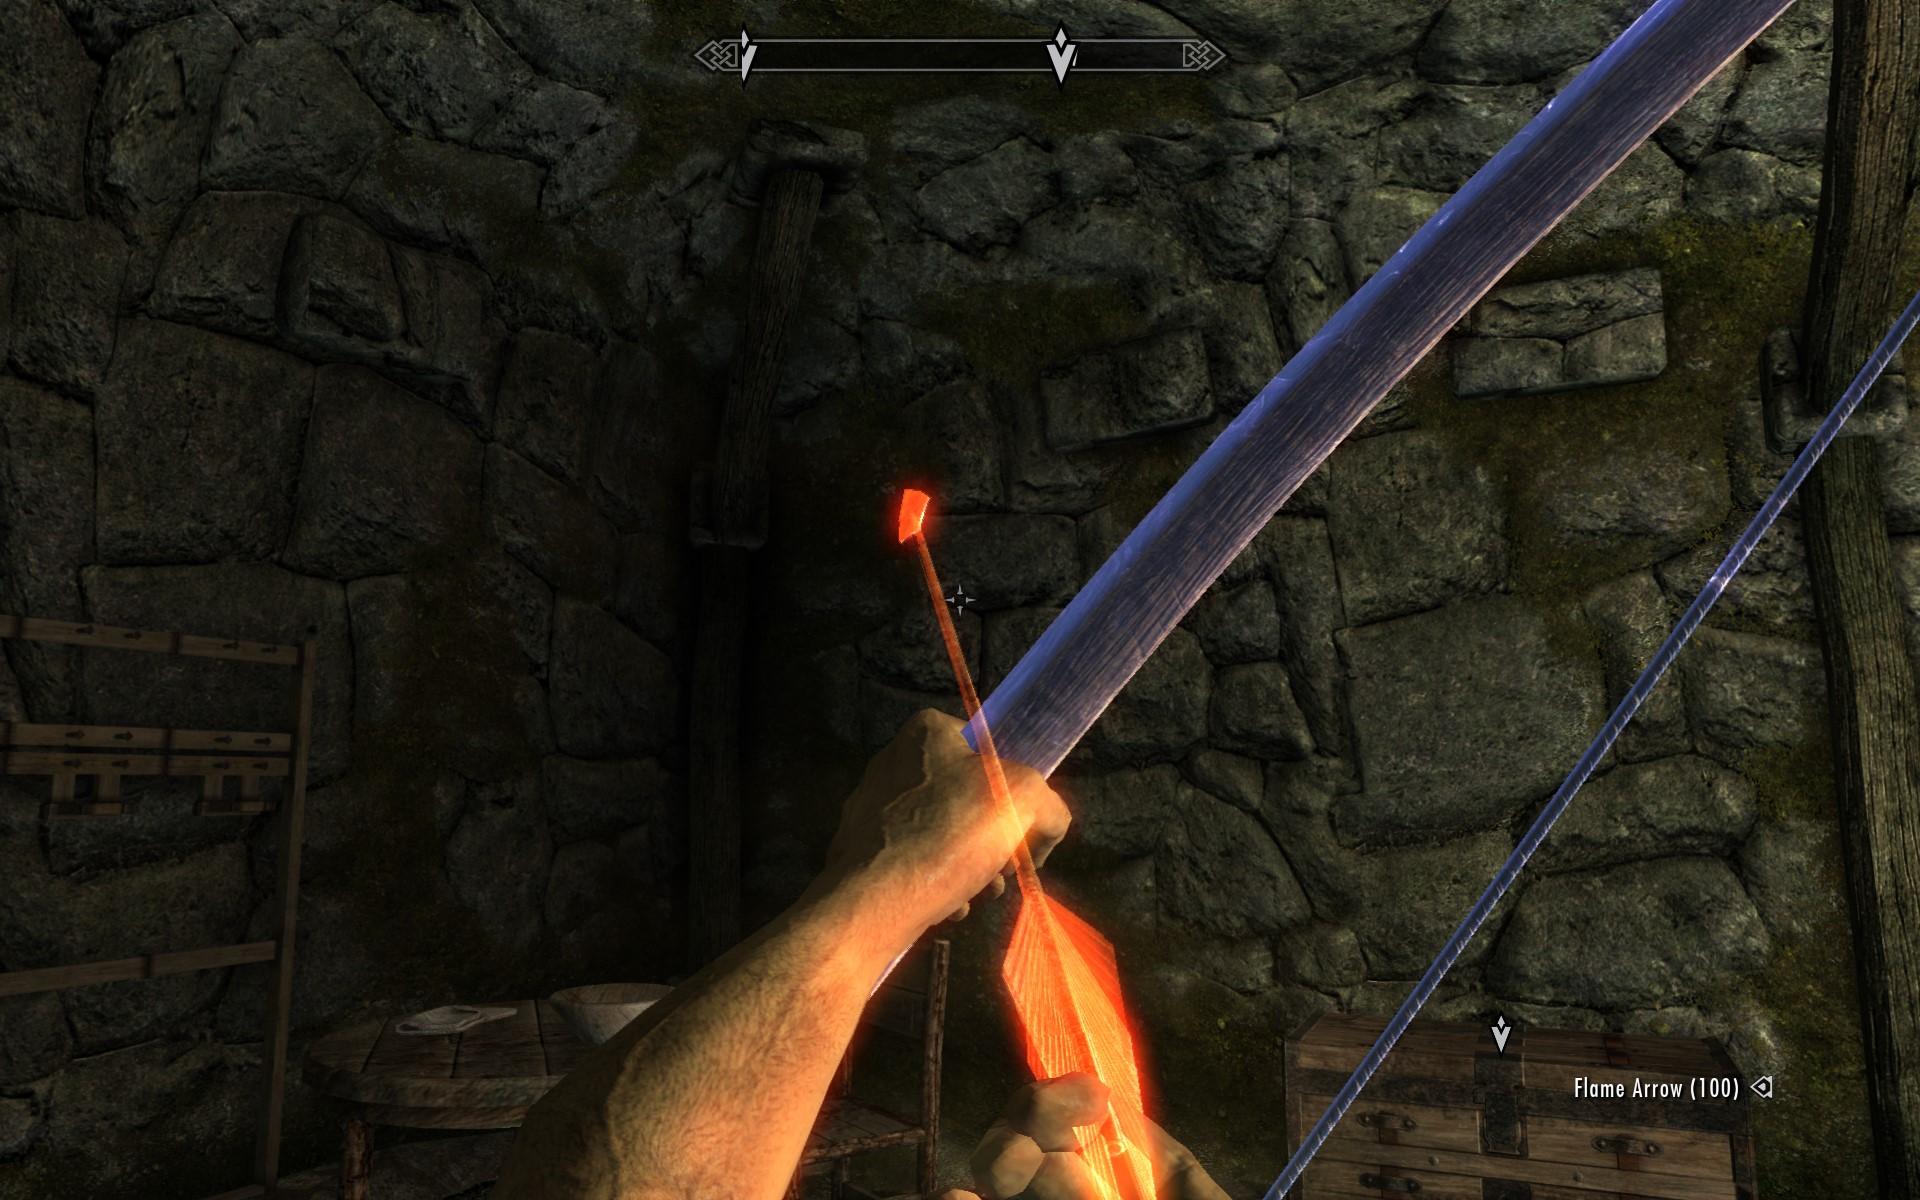 Bản mod Skyrim này cho phép bạn trở thành một cung thủ nhỏ bắn ra một câu thần chú từ cây cung 1